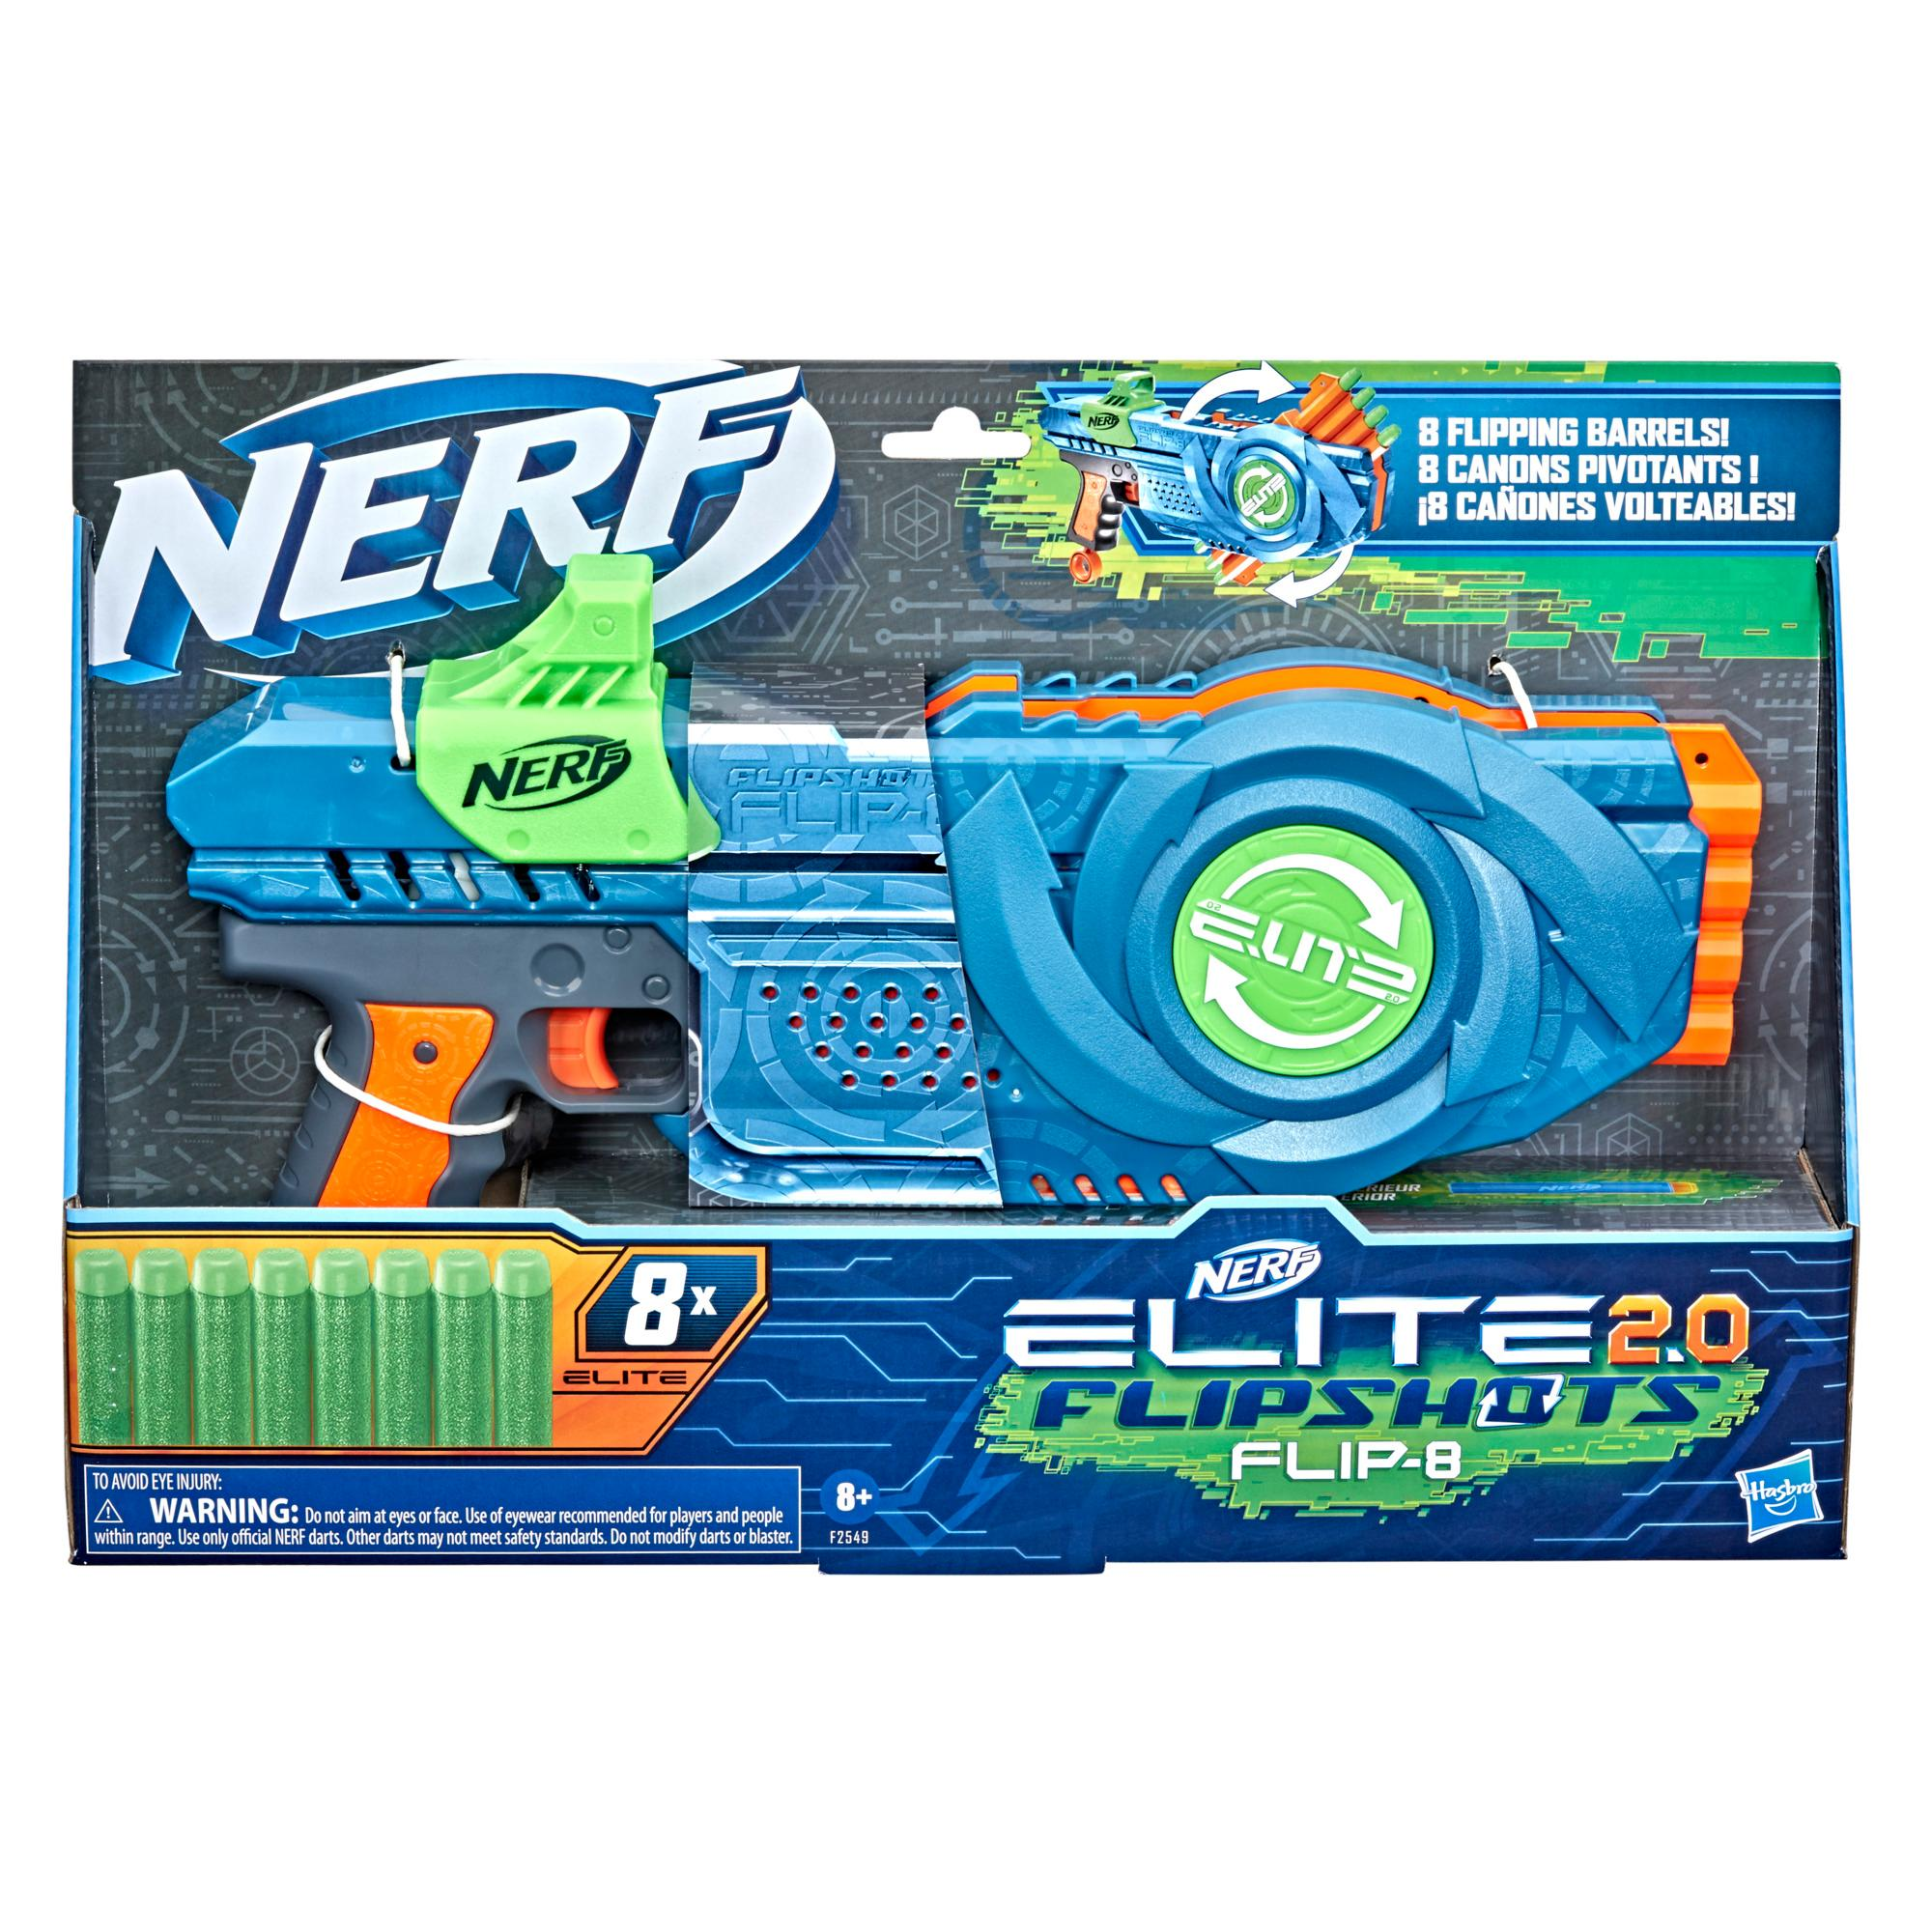 Nerf Elite 2.0 Flipshots Flip-8